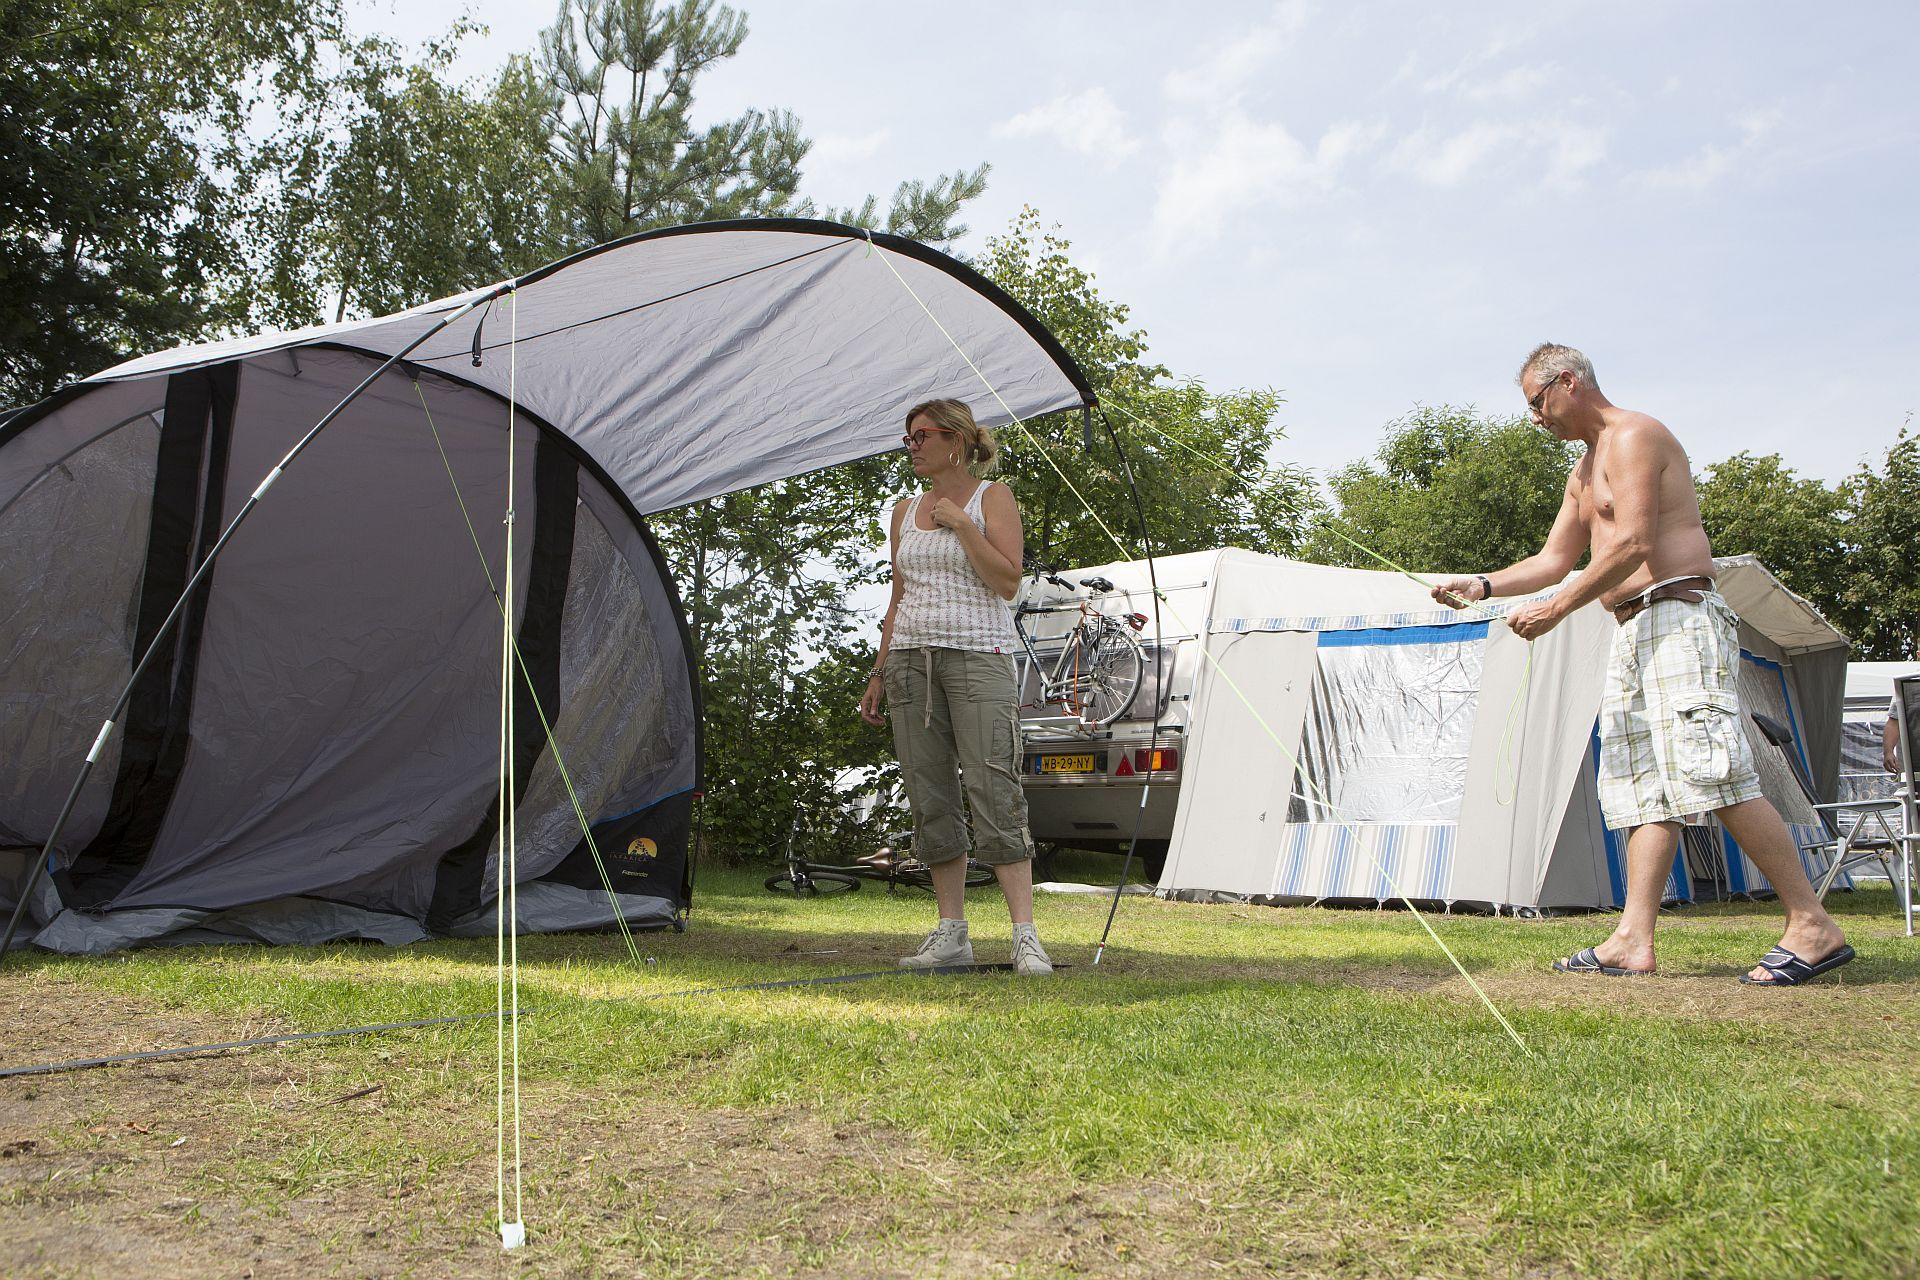 Meimaand kamperen in Overijssel - Heerlijke meimaand kamperen